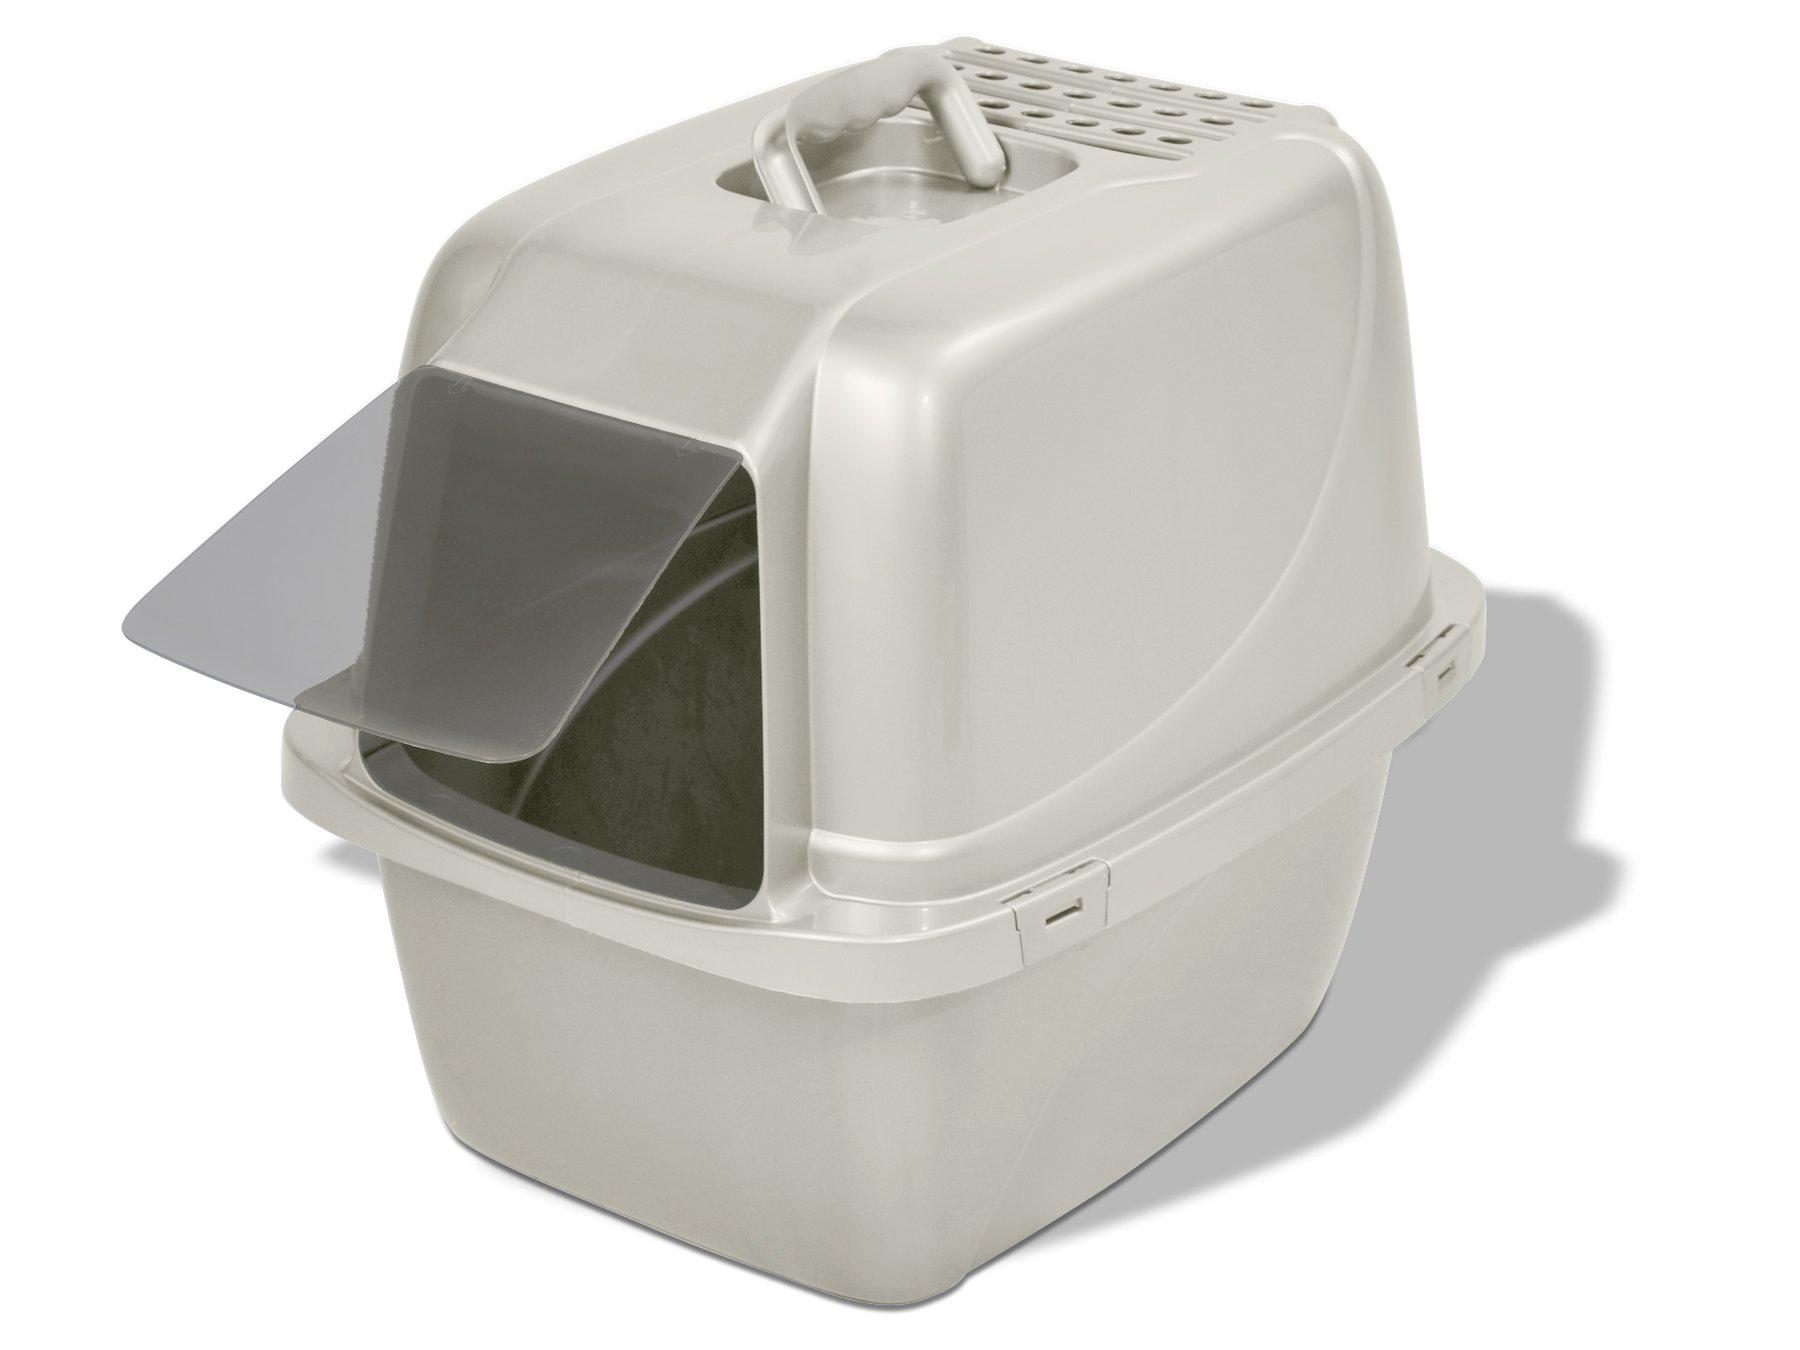 Van Ness Odor Control Large Enclosed Cat Pan with Odor Door - #CP6